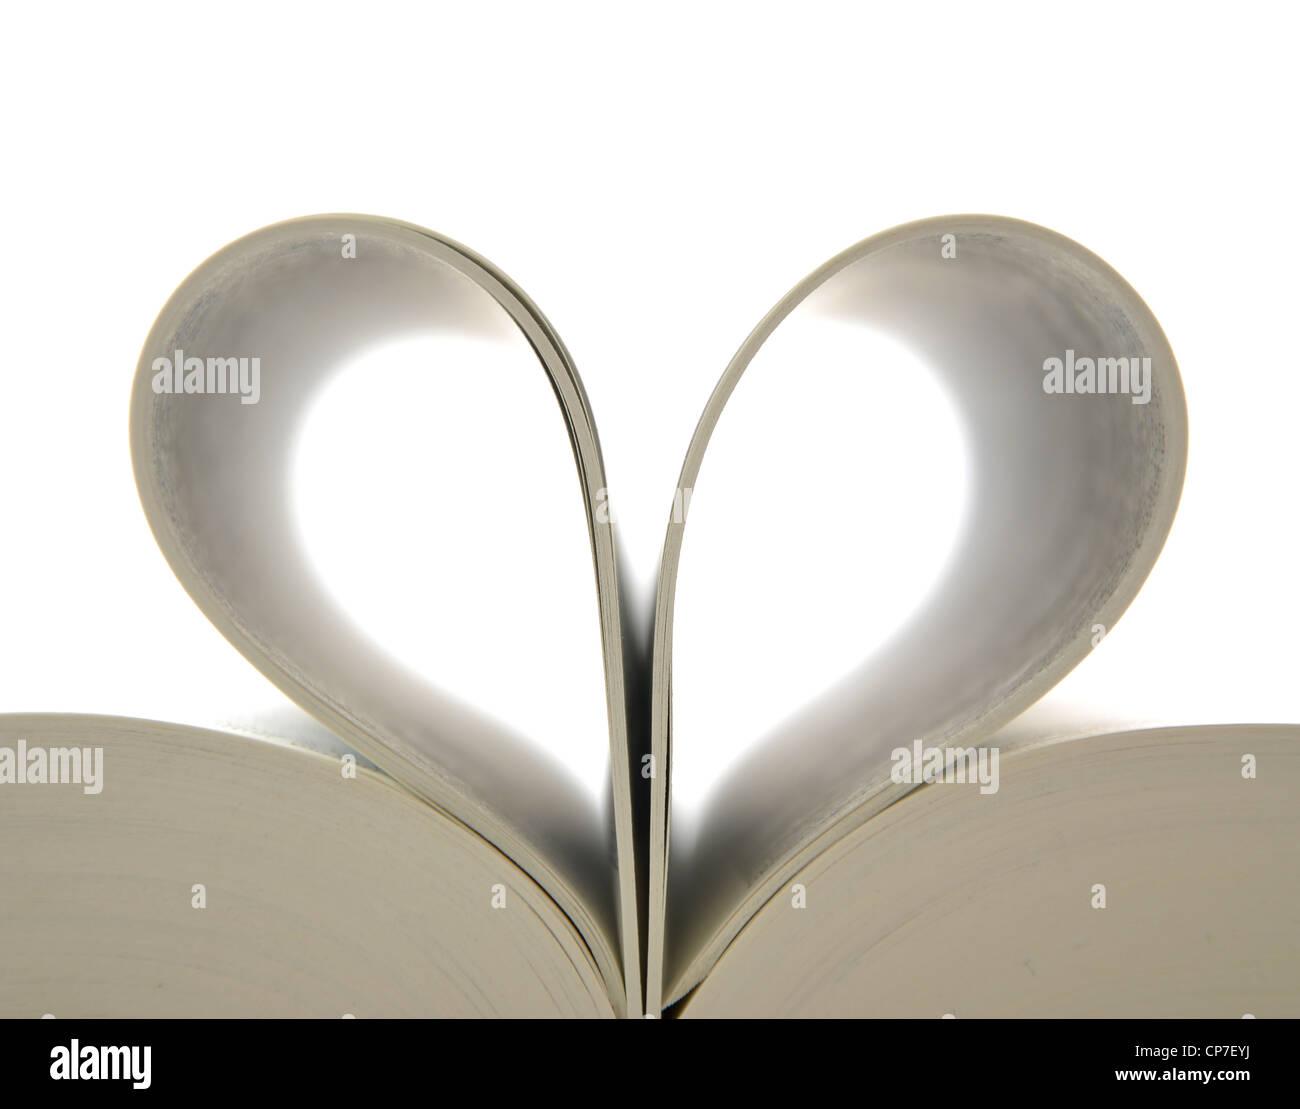 Libro con páginas abiertas y forma de corazón Foto de stock